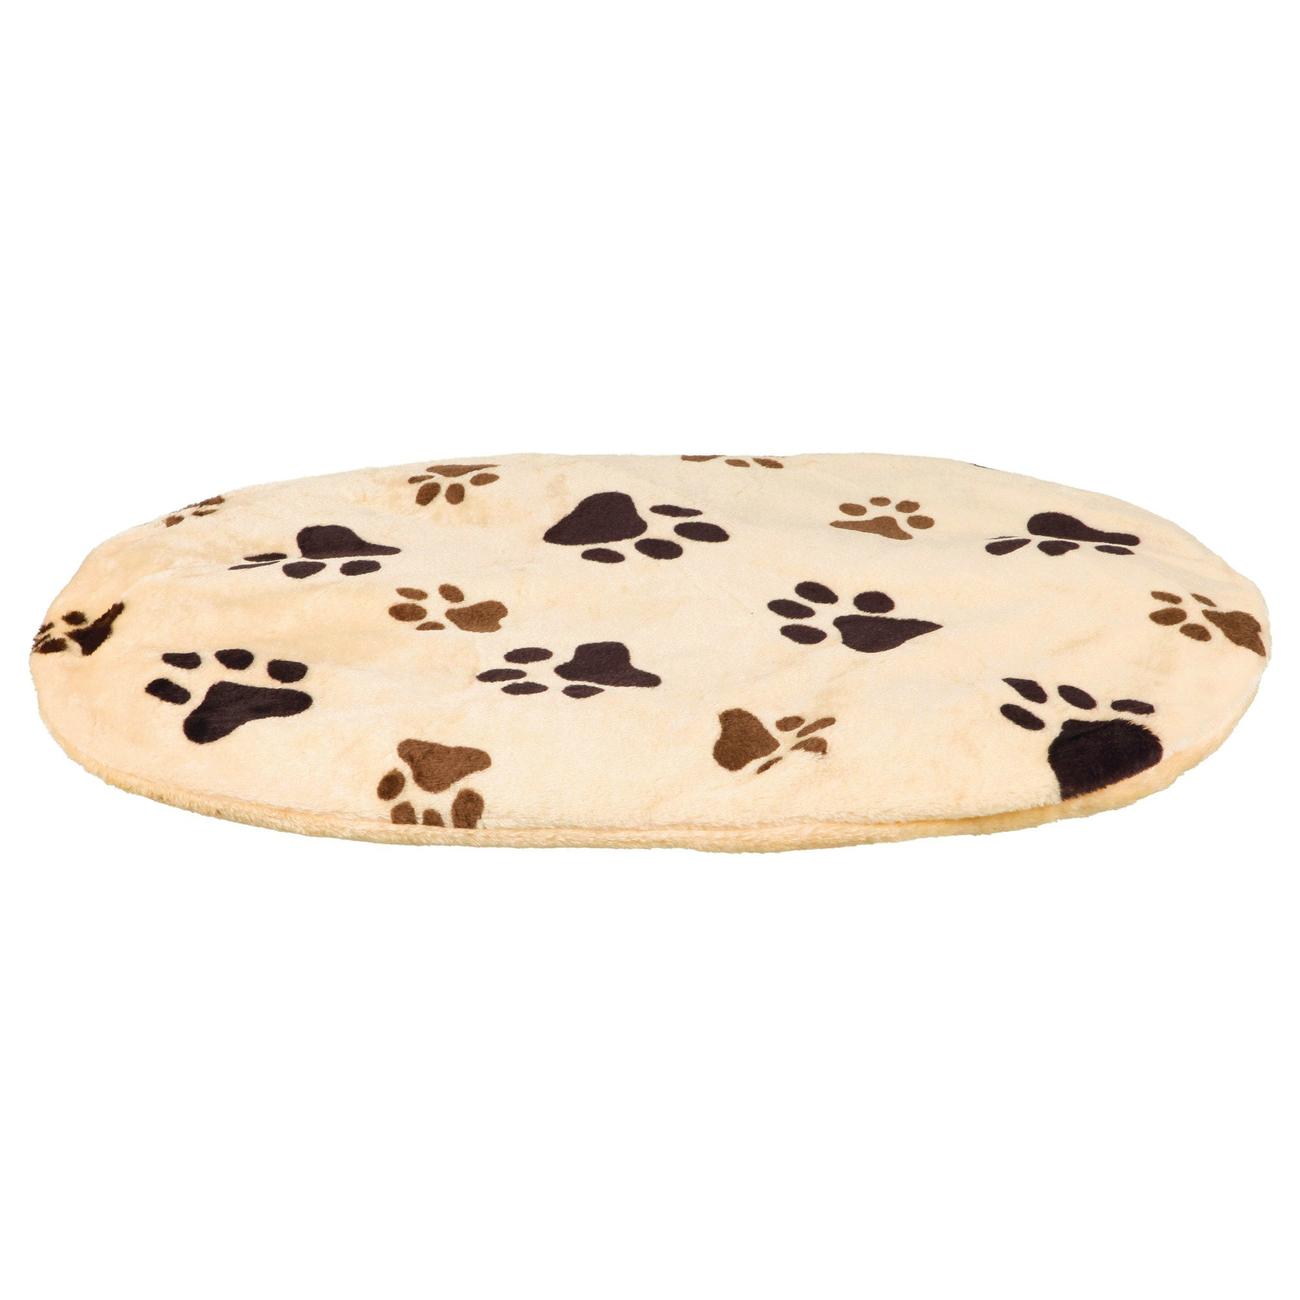 TRIXIE Kissen Joey für Hunde und Katzen 38921, Bild 3